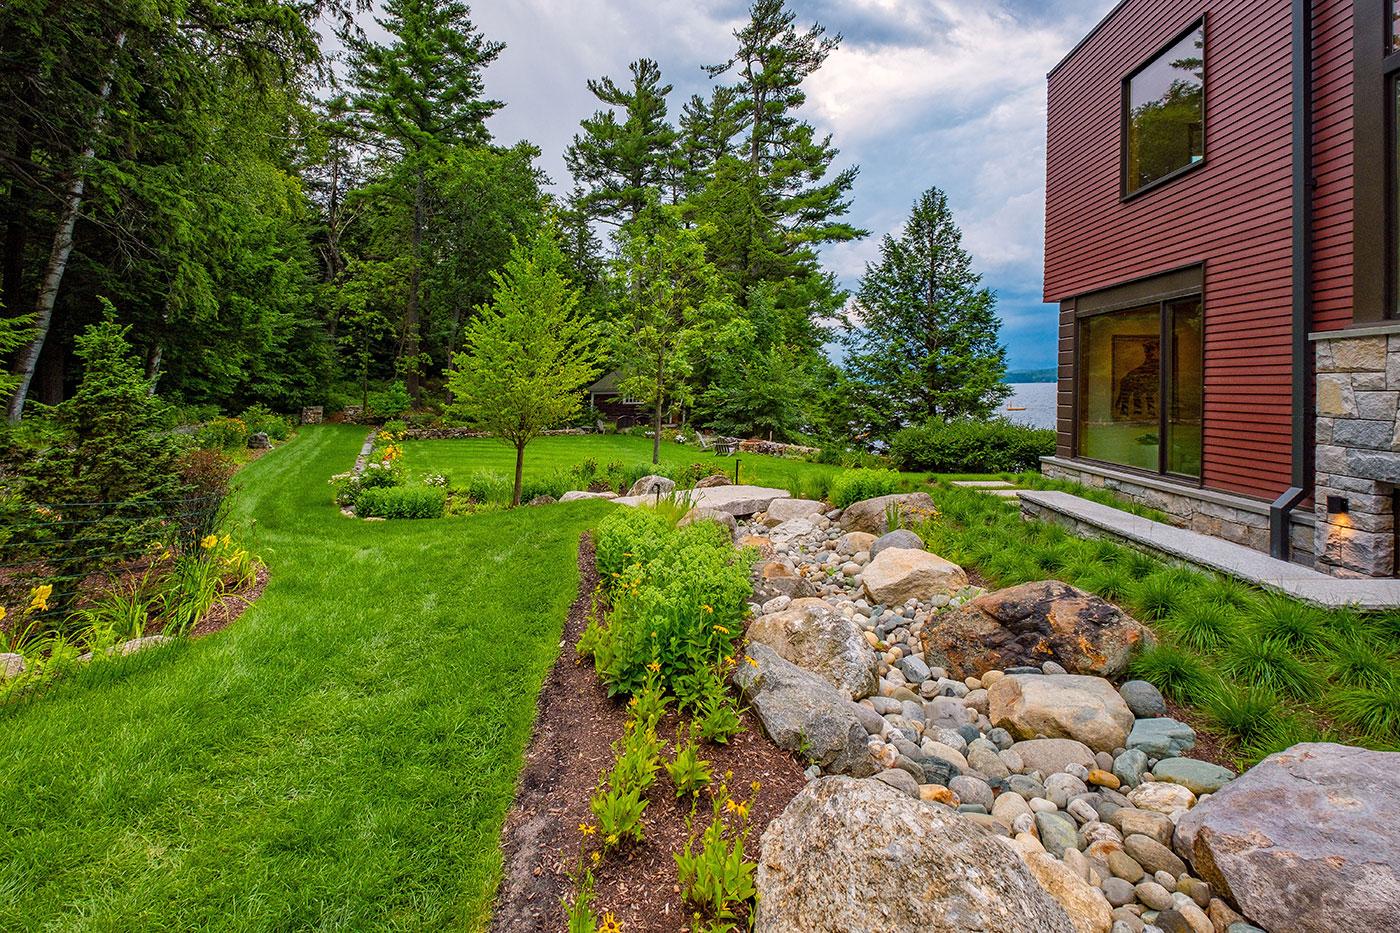 High-end landscape with water view by landscape design/build firm Pellettieri Associates, Inc.